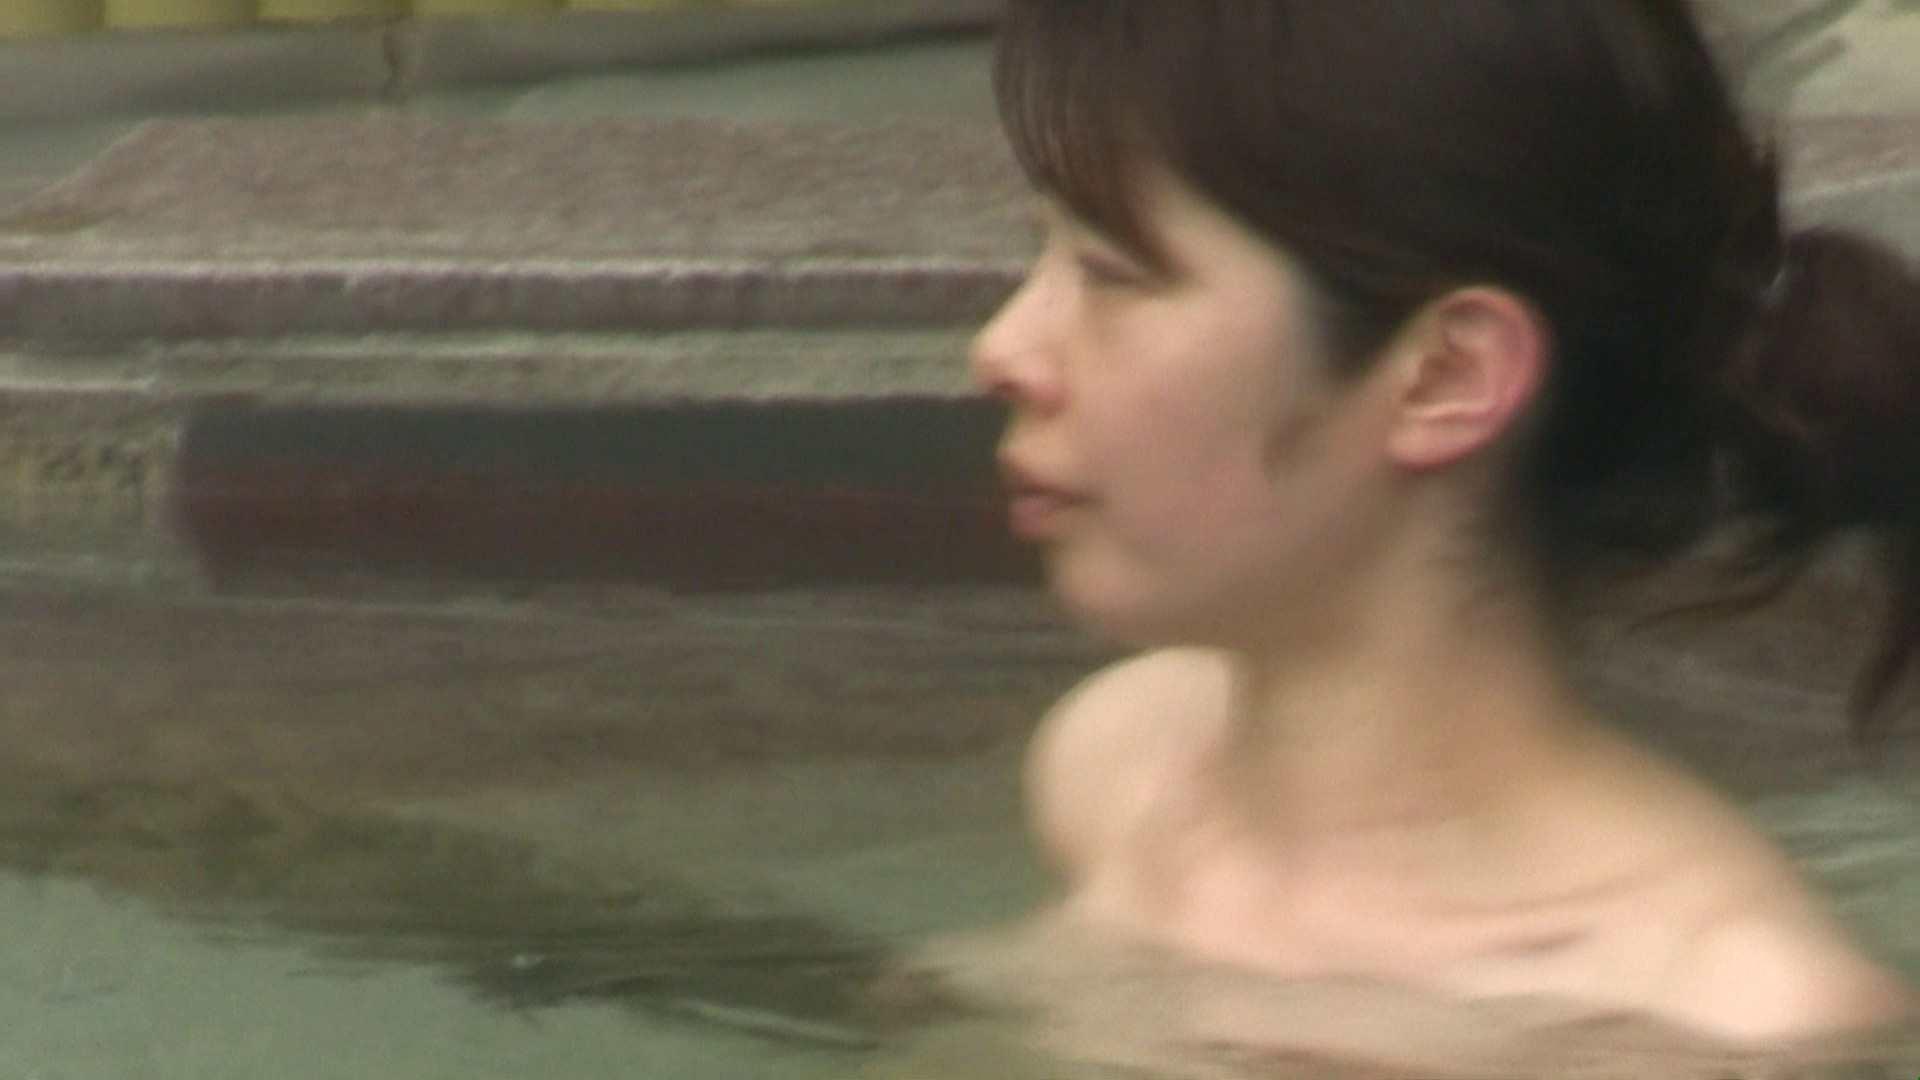 Aquaな露天風呂Vol.676 盗撮シリーズ  83PIX 10